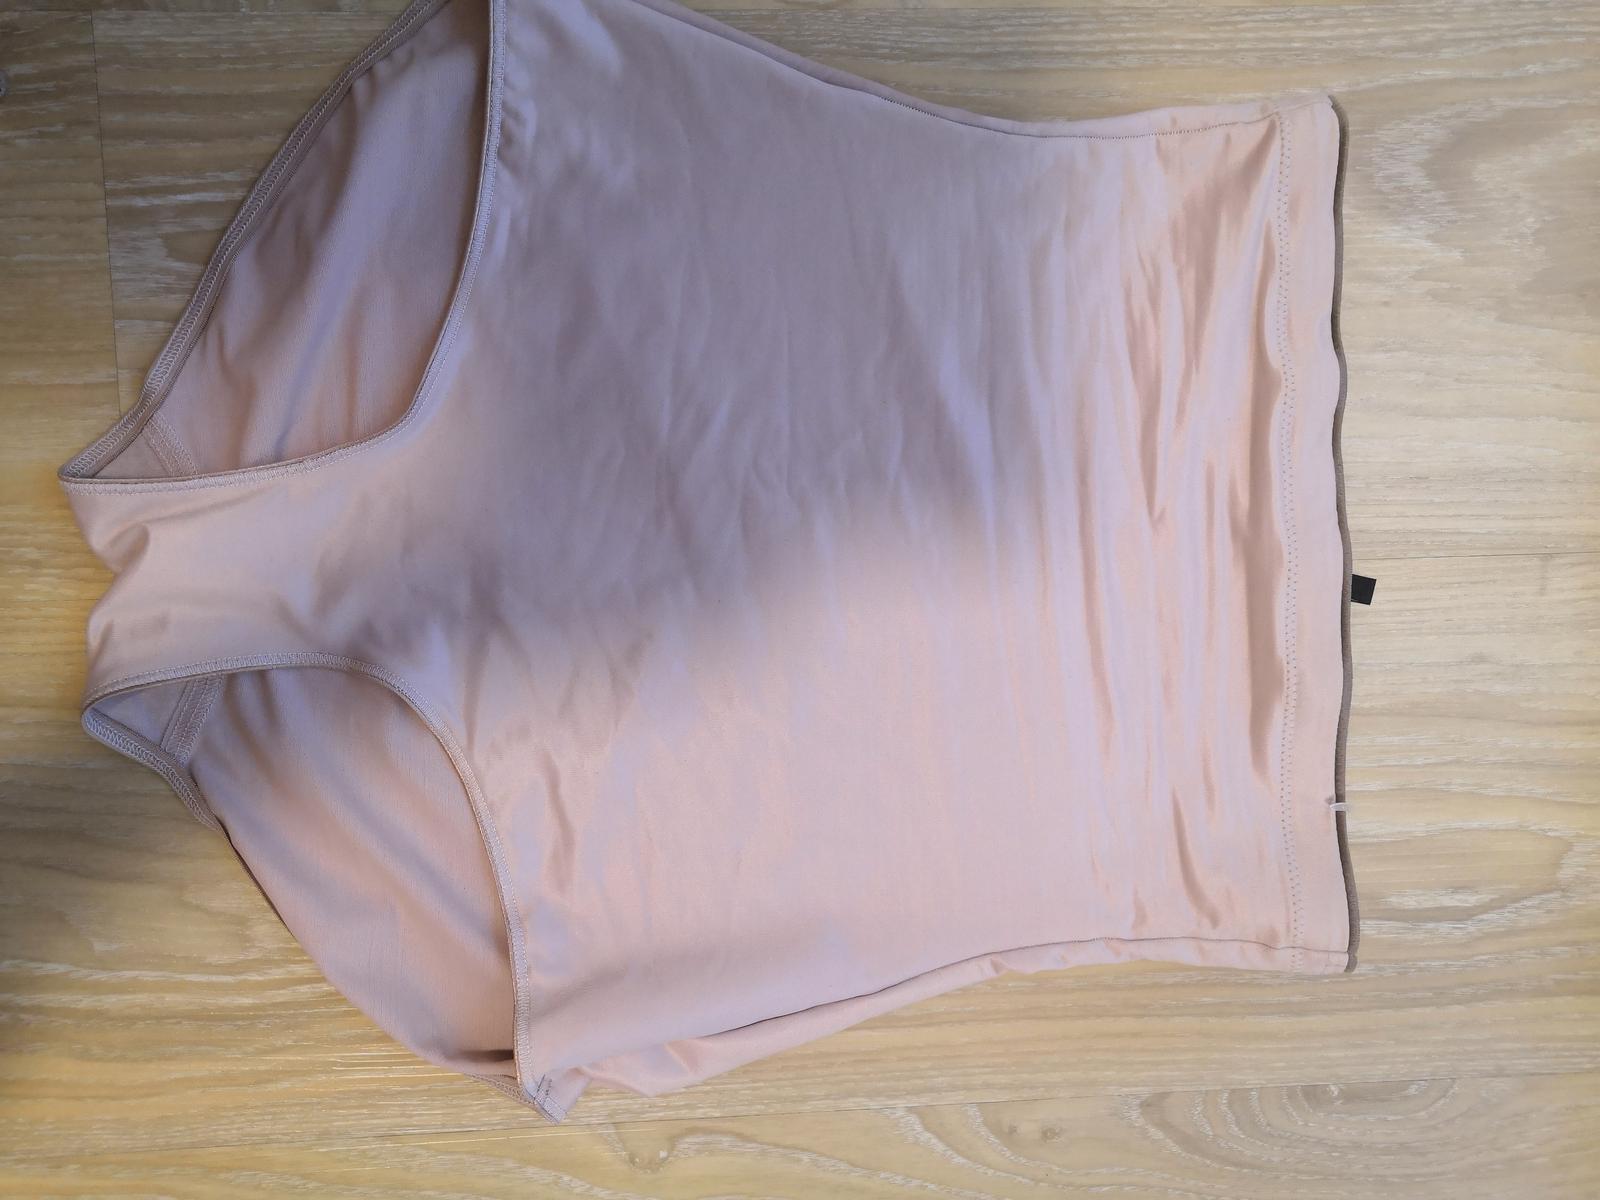 Sťahovacie nohavičky vel. 38 - Obrázok č. 2